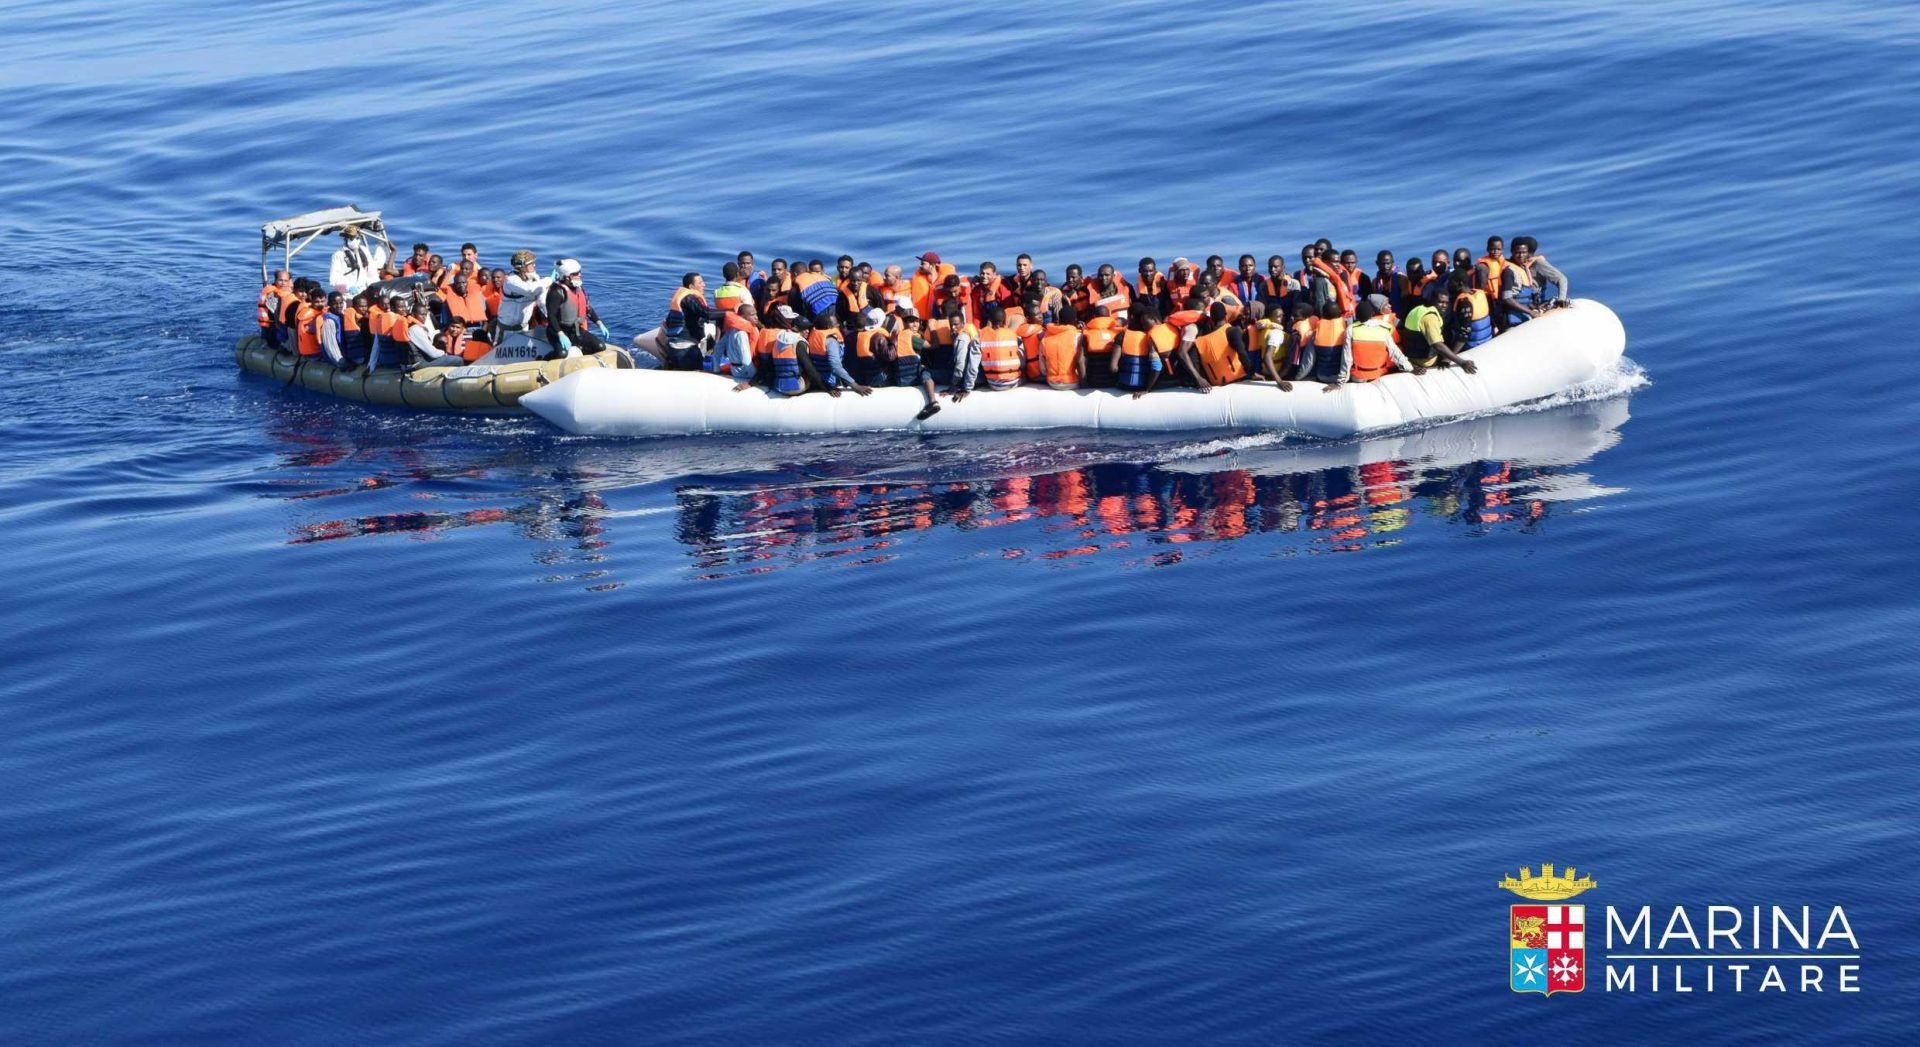 NEISPRAVNI ČAMCI: U vodama Libije pronađena tijela 120 migranata